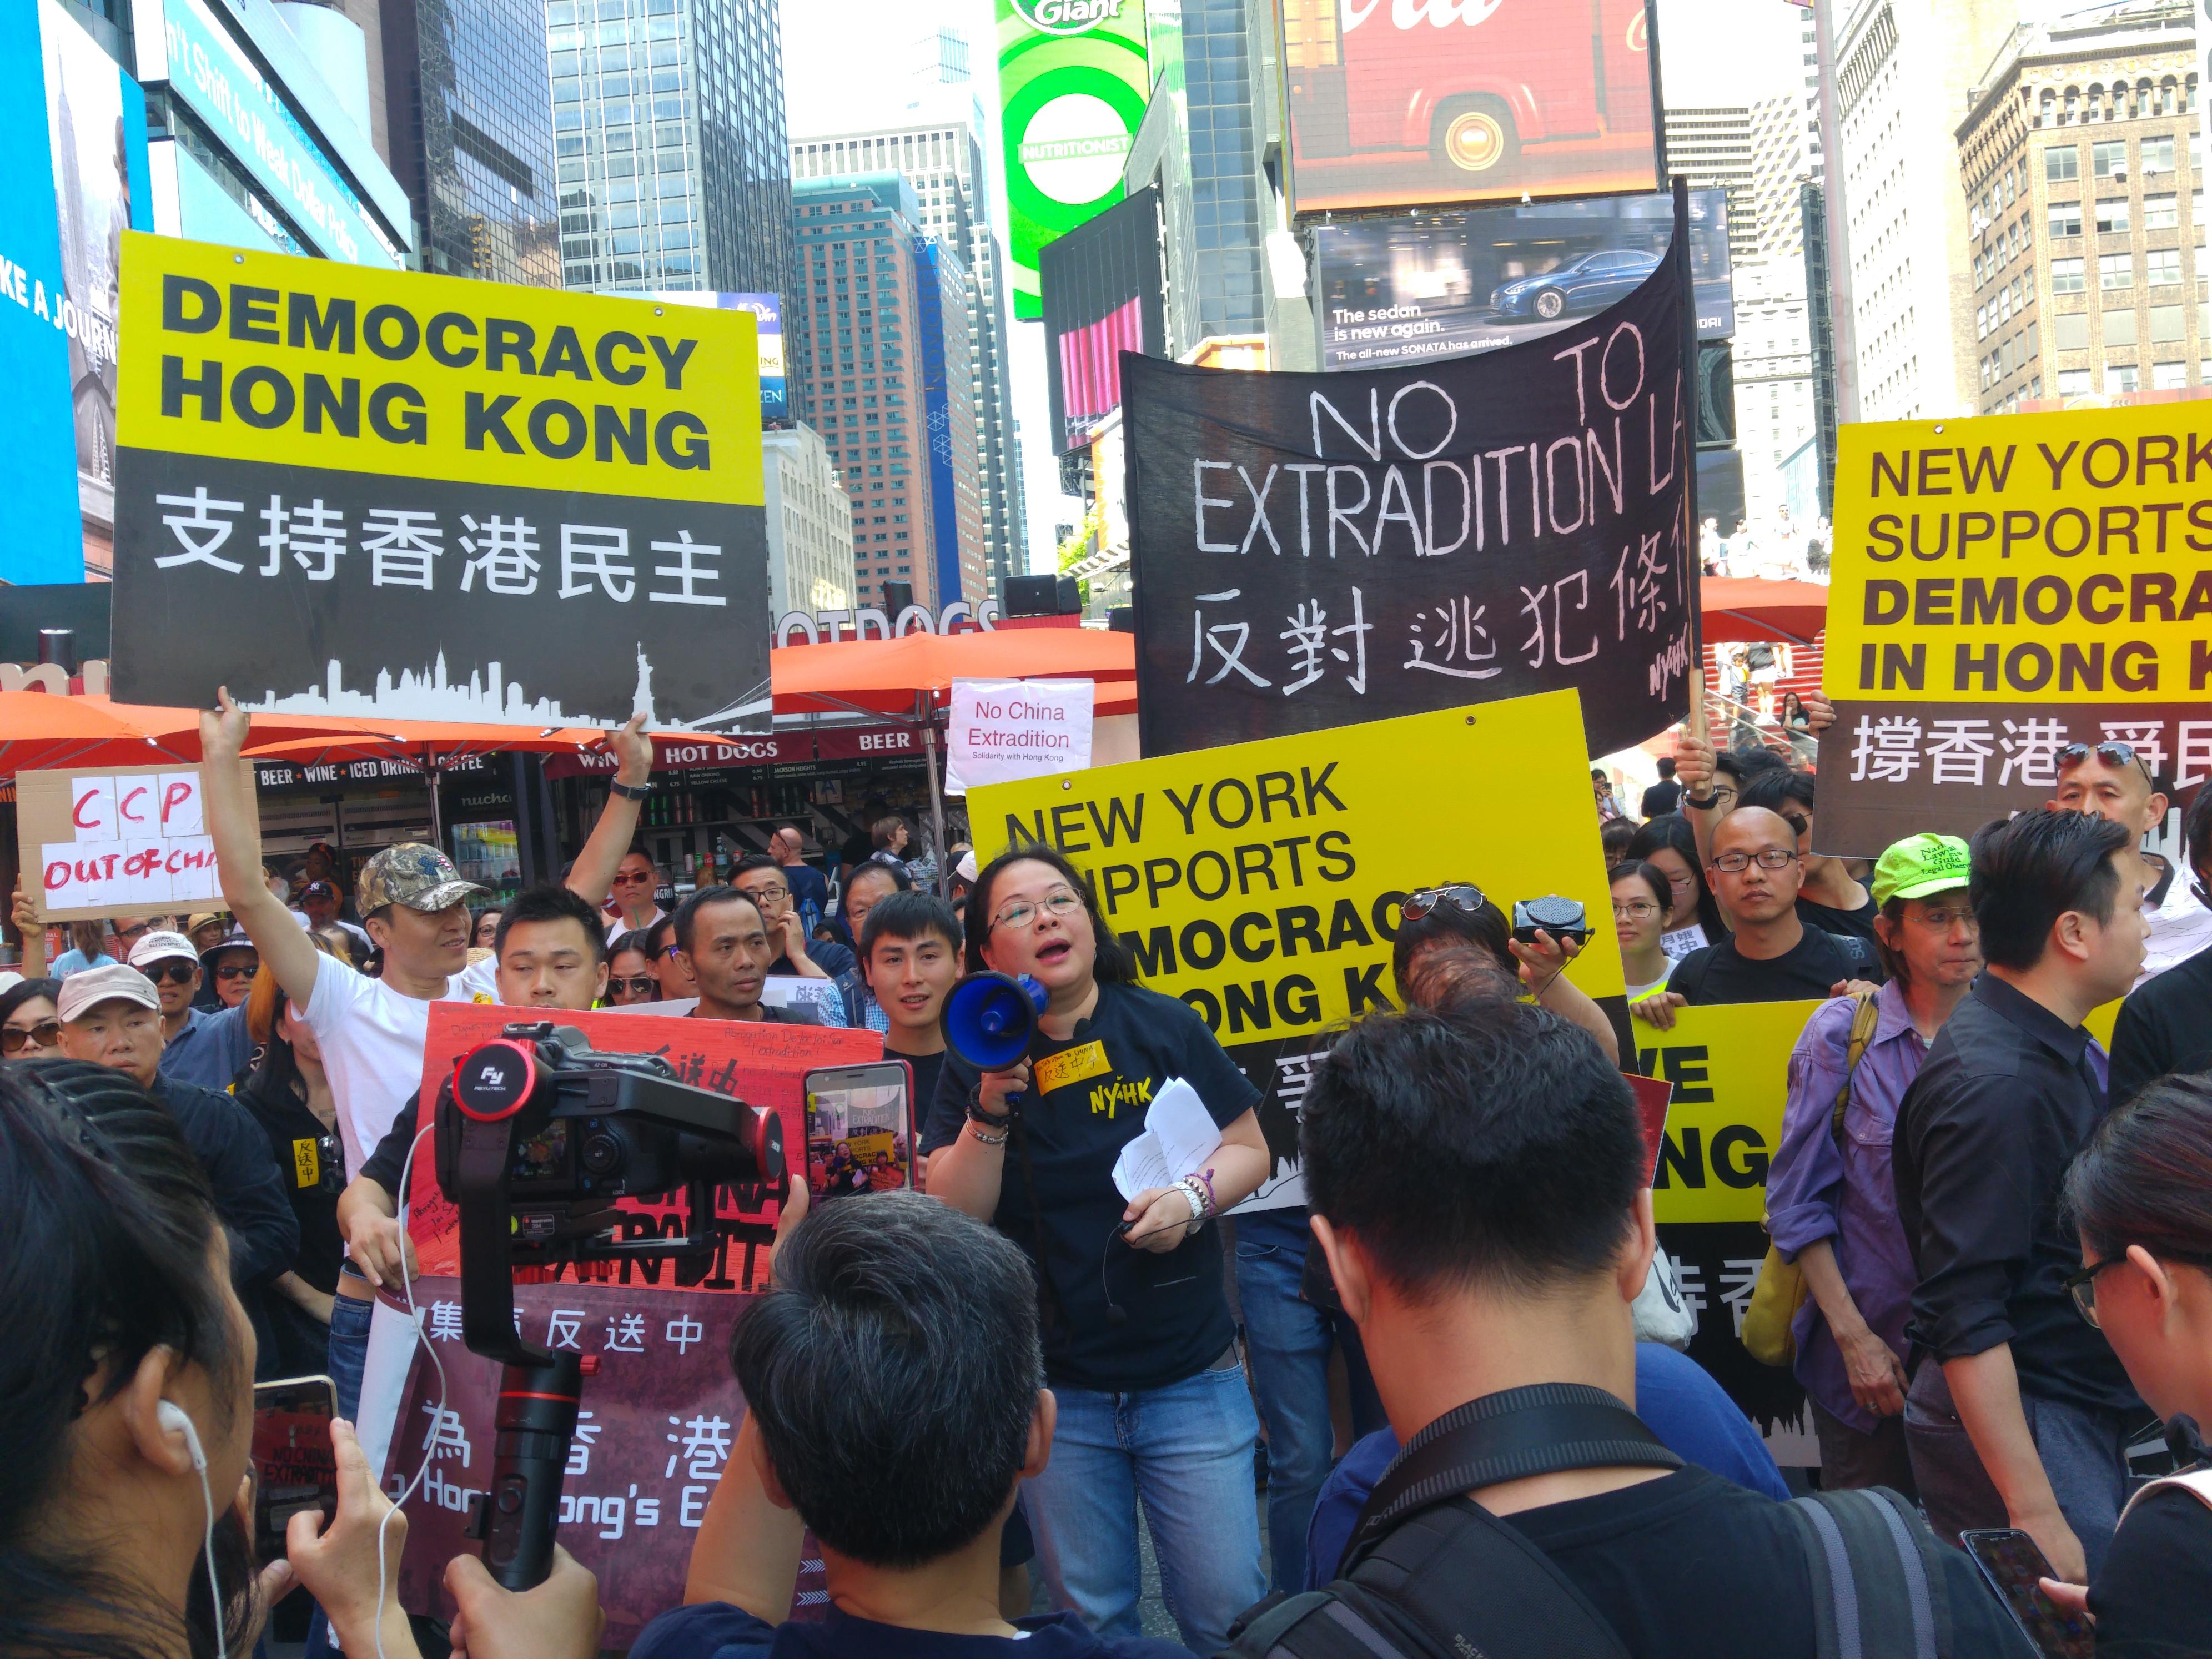 聲援港人「反送中」紐約二千人集會遊行